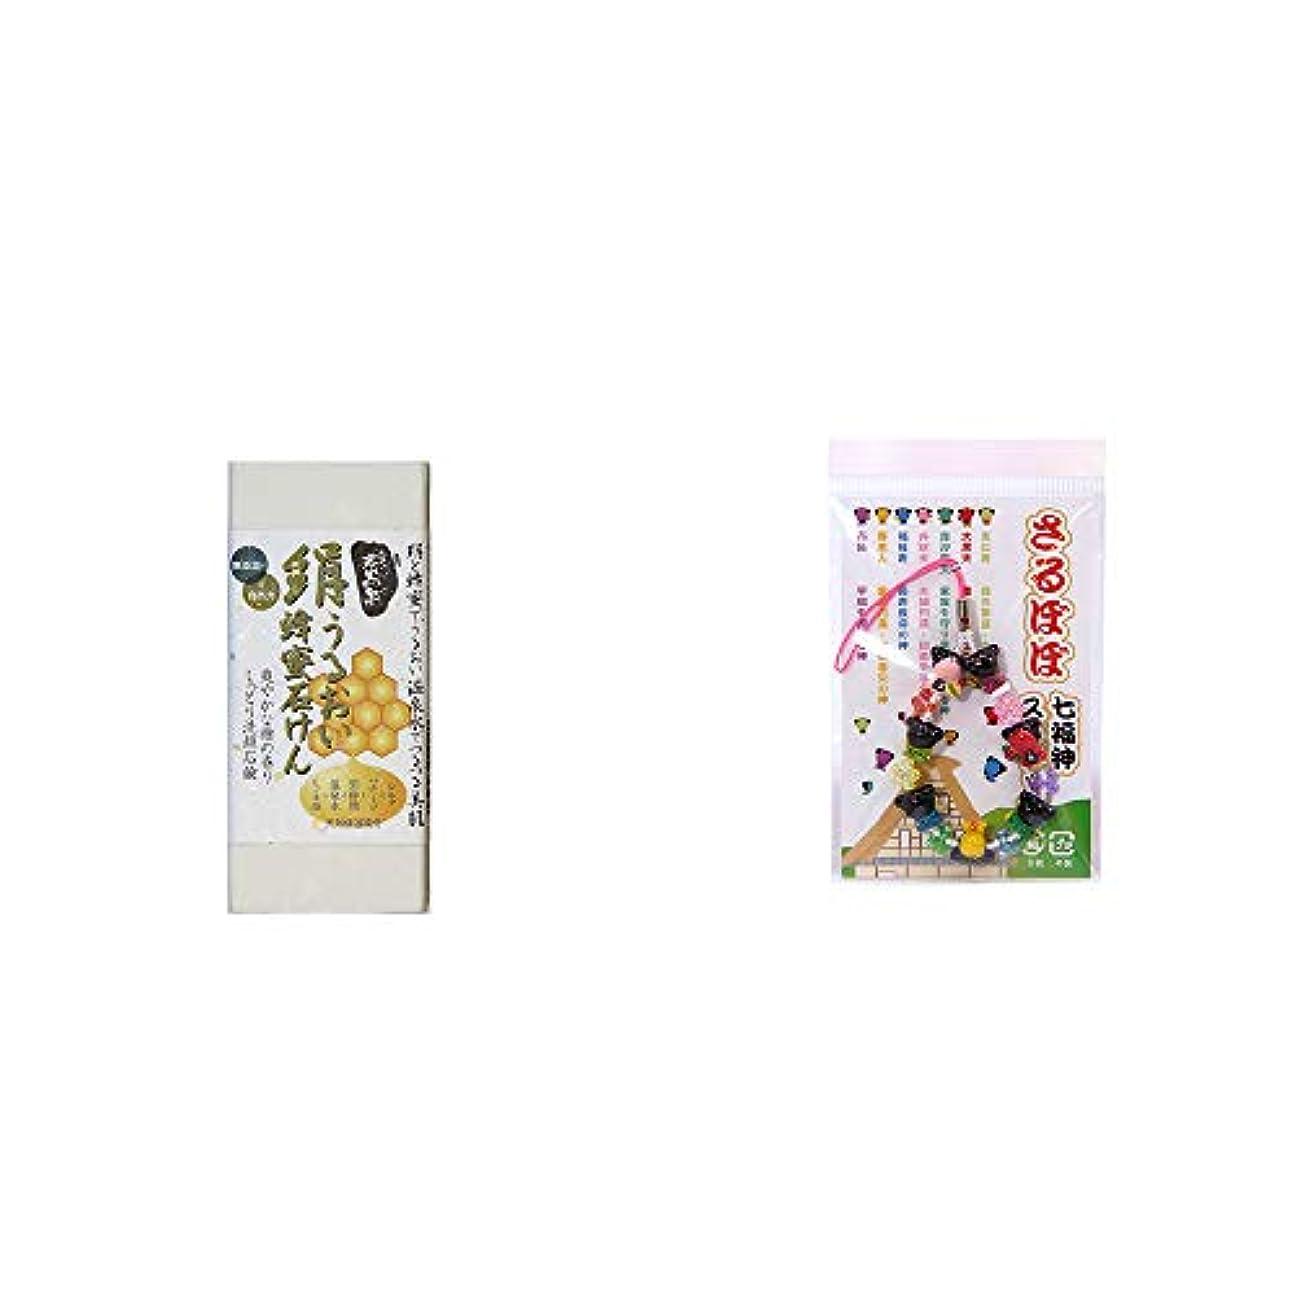 人口フェッチ花瓶[2点セット] ひのき炭黒泉 絹うるおい蜂蜜石けん(75g×2)?さるぼぼ七福神ストラップ/縁結び?魔除け //